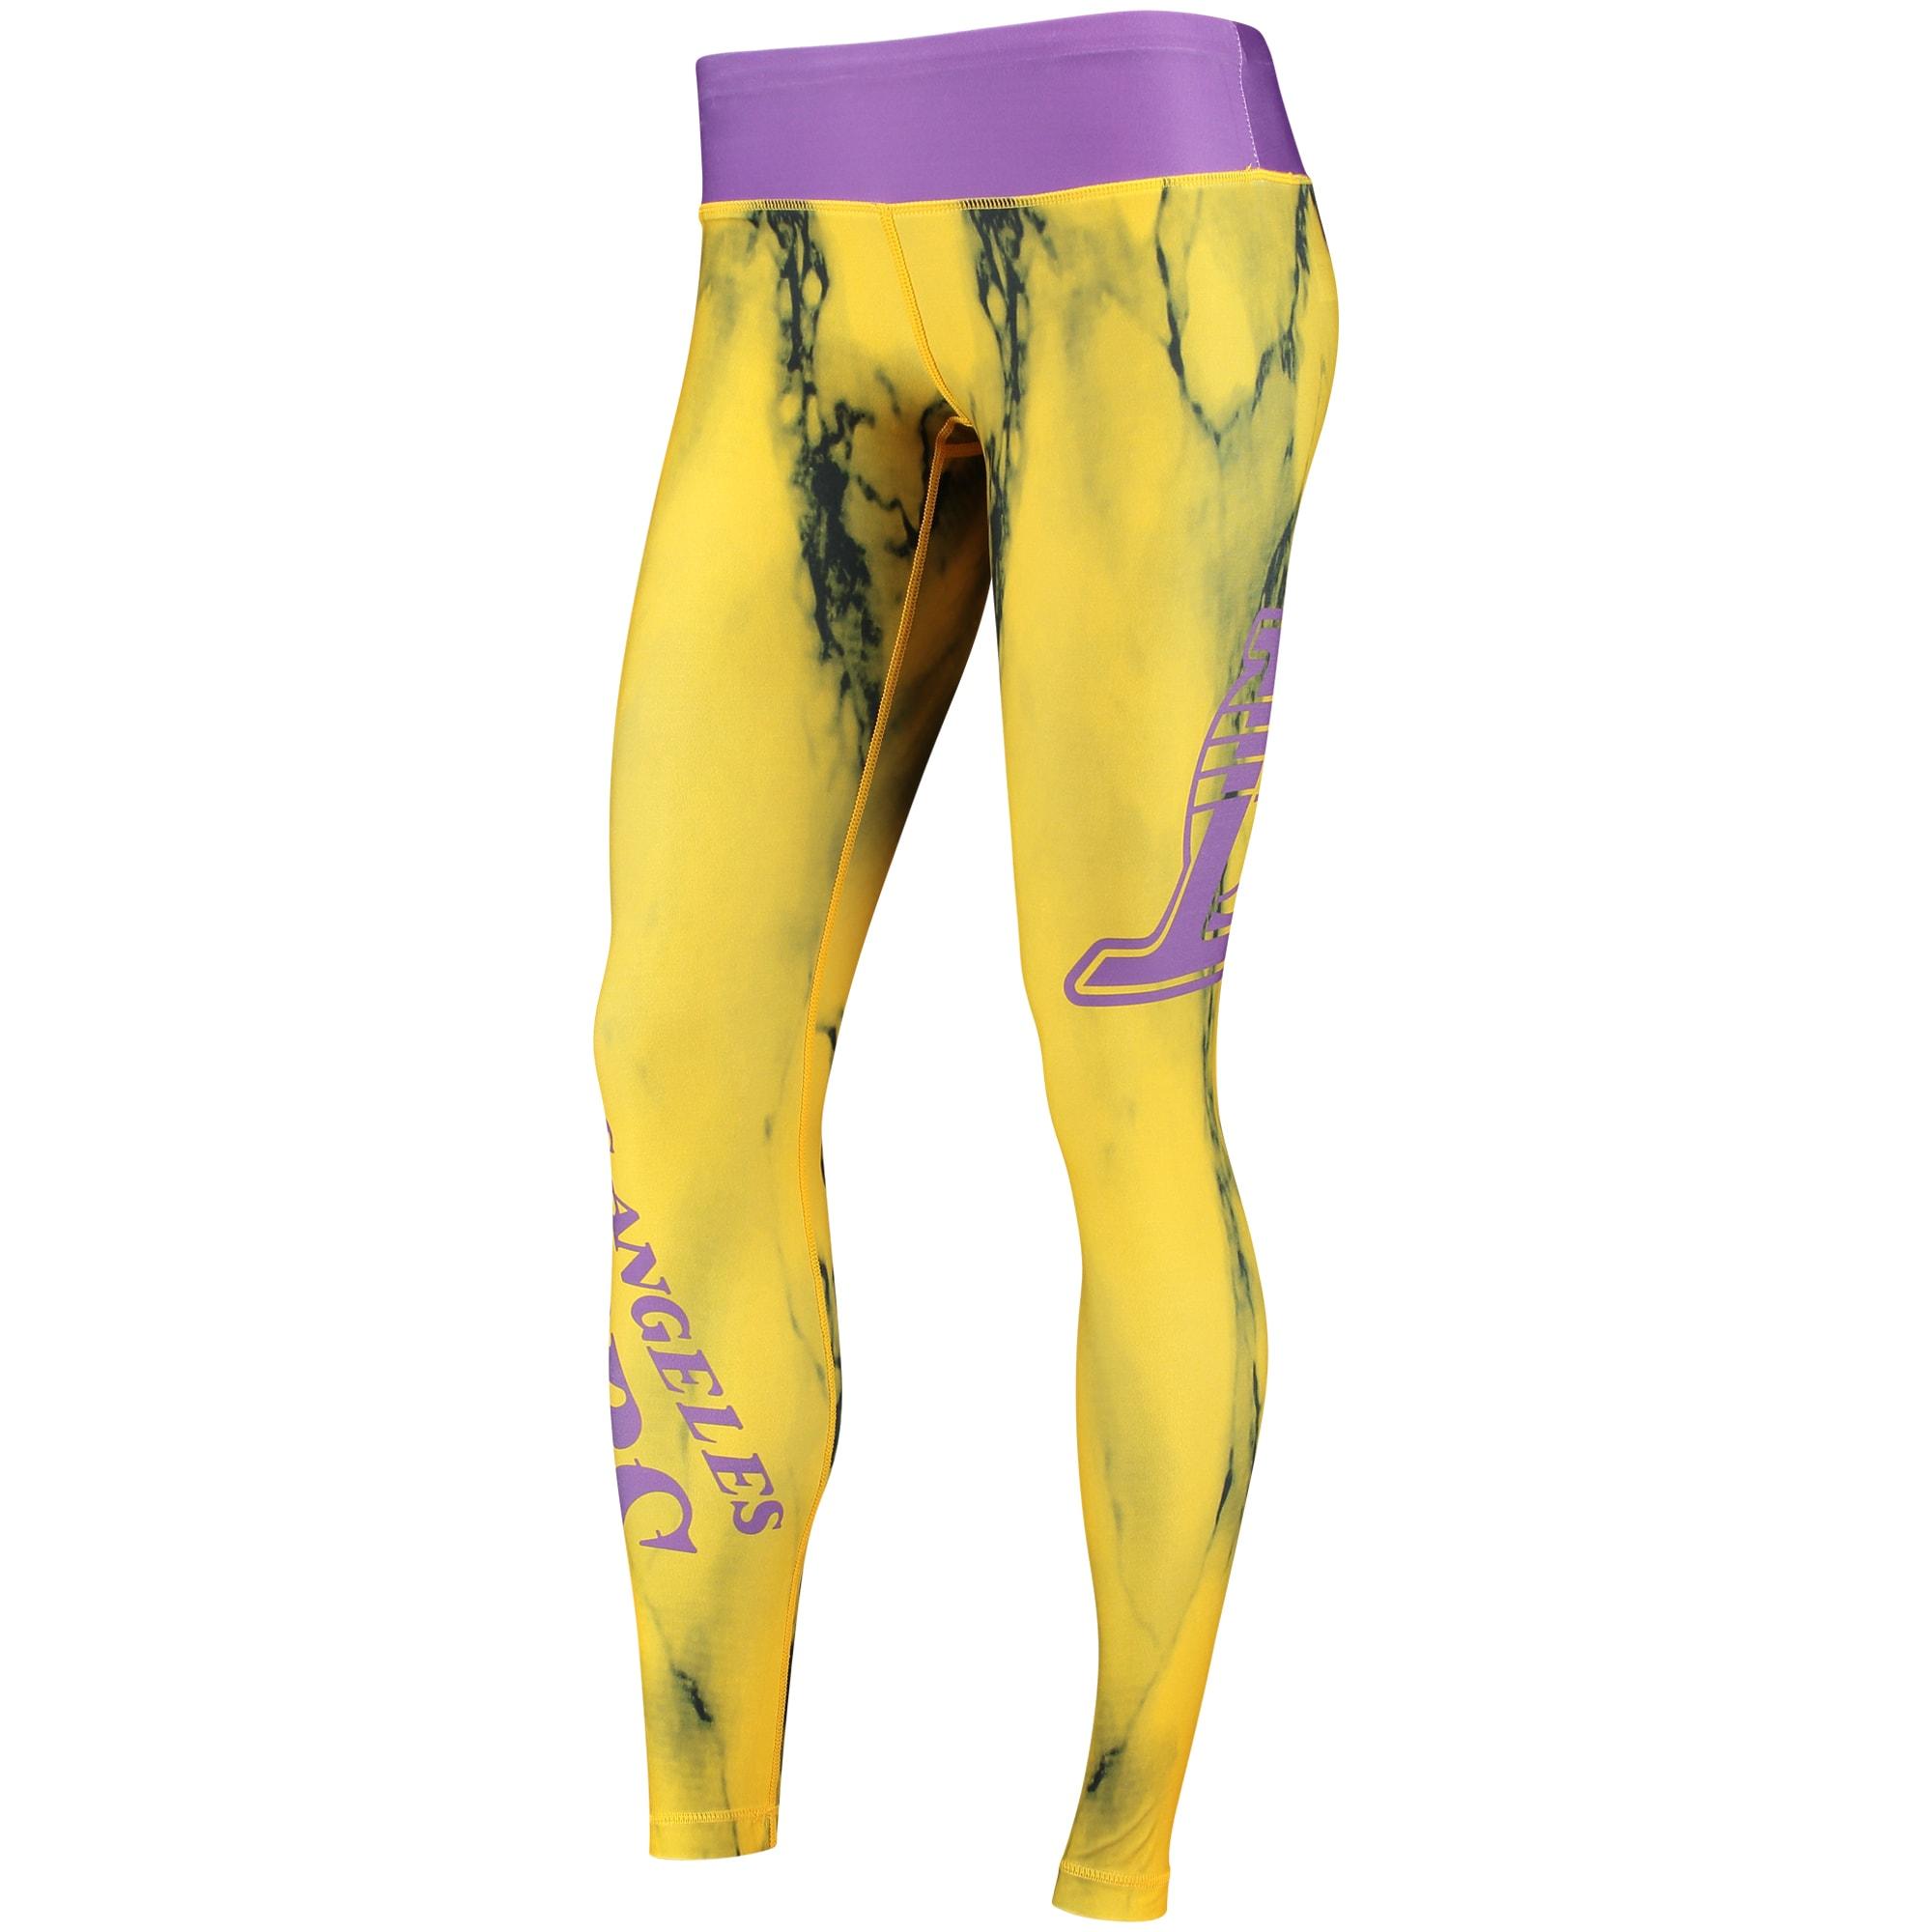 Los Angeles Lakers Women's Marble Wordmark Leggings - Purple